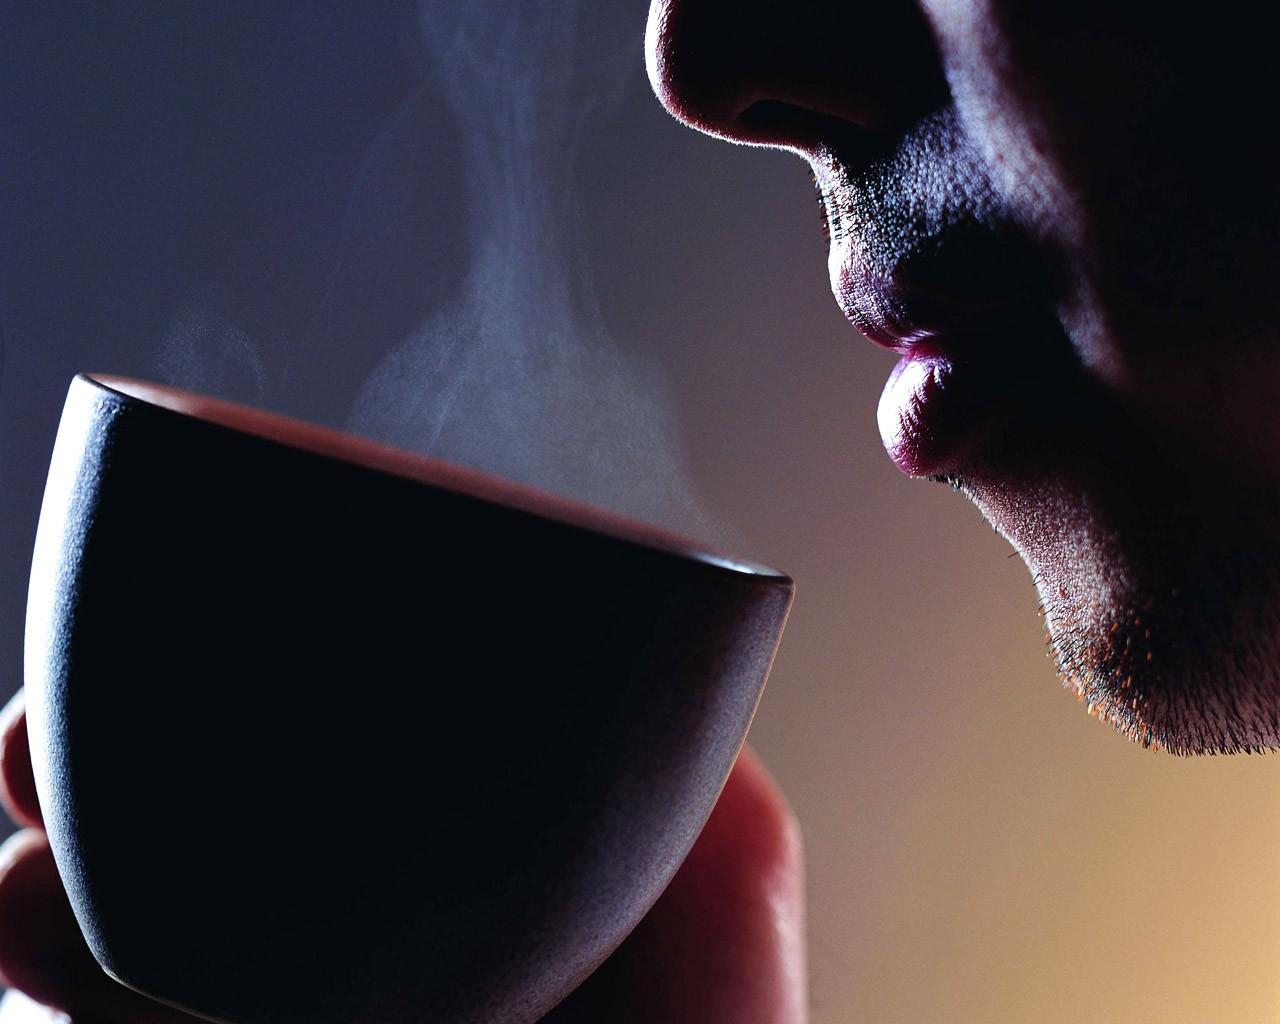 Konsumsi Kafein Membantu Menurunkan Resiko Diabetes